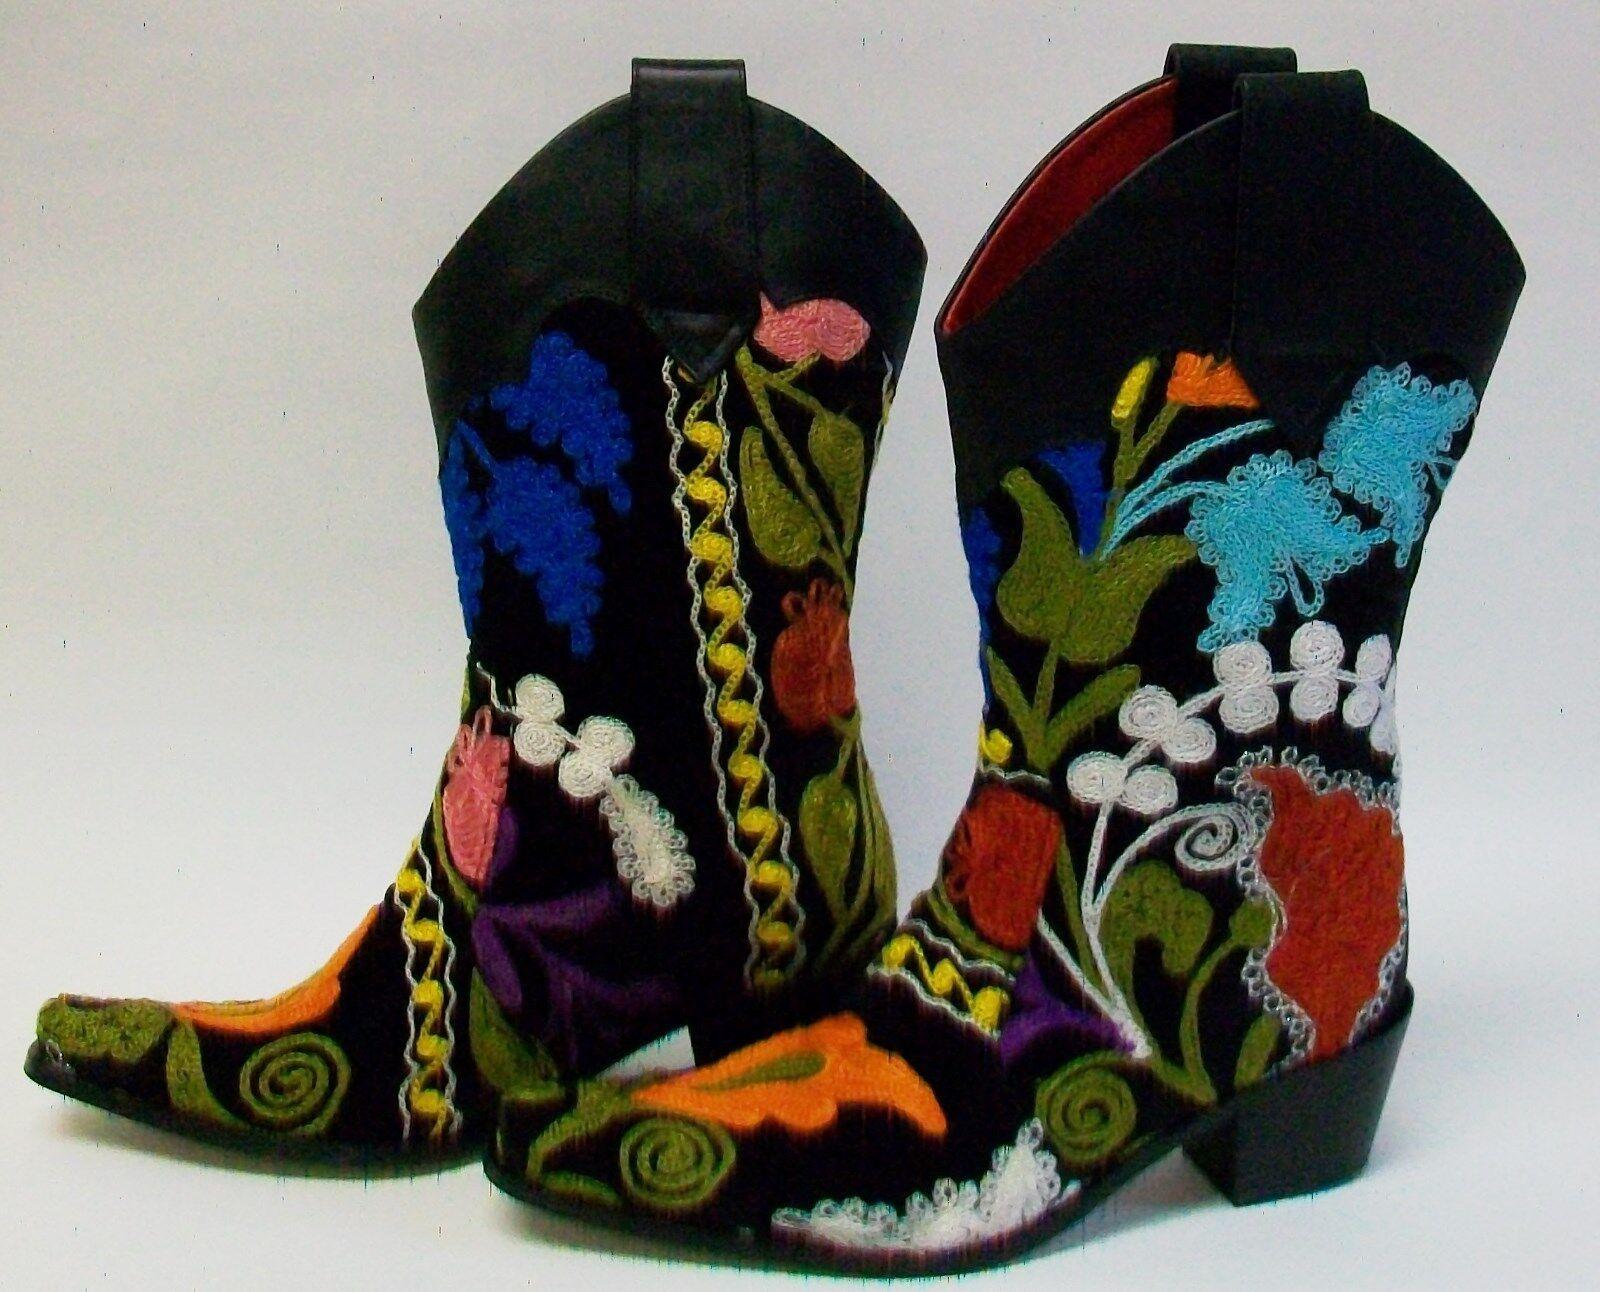 Tamaño 39-U.S - - - nueve corto de terciopelo negro bordado suzani bota,, 2 1 4  tacón cubano,  promociones de descuento